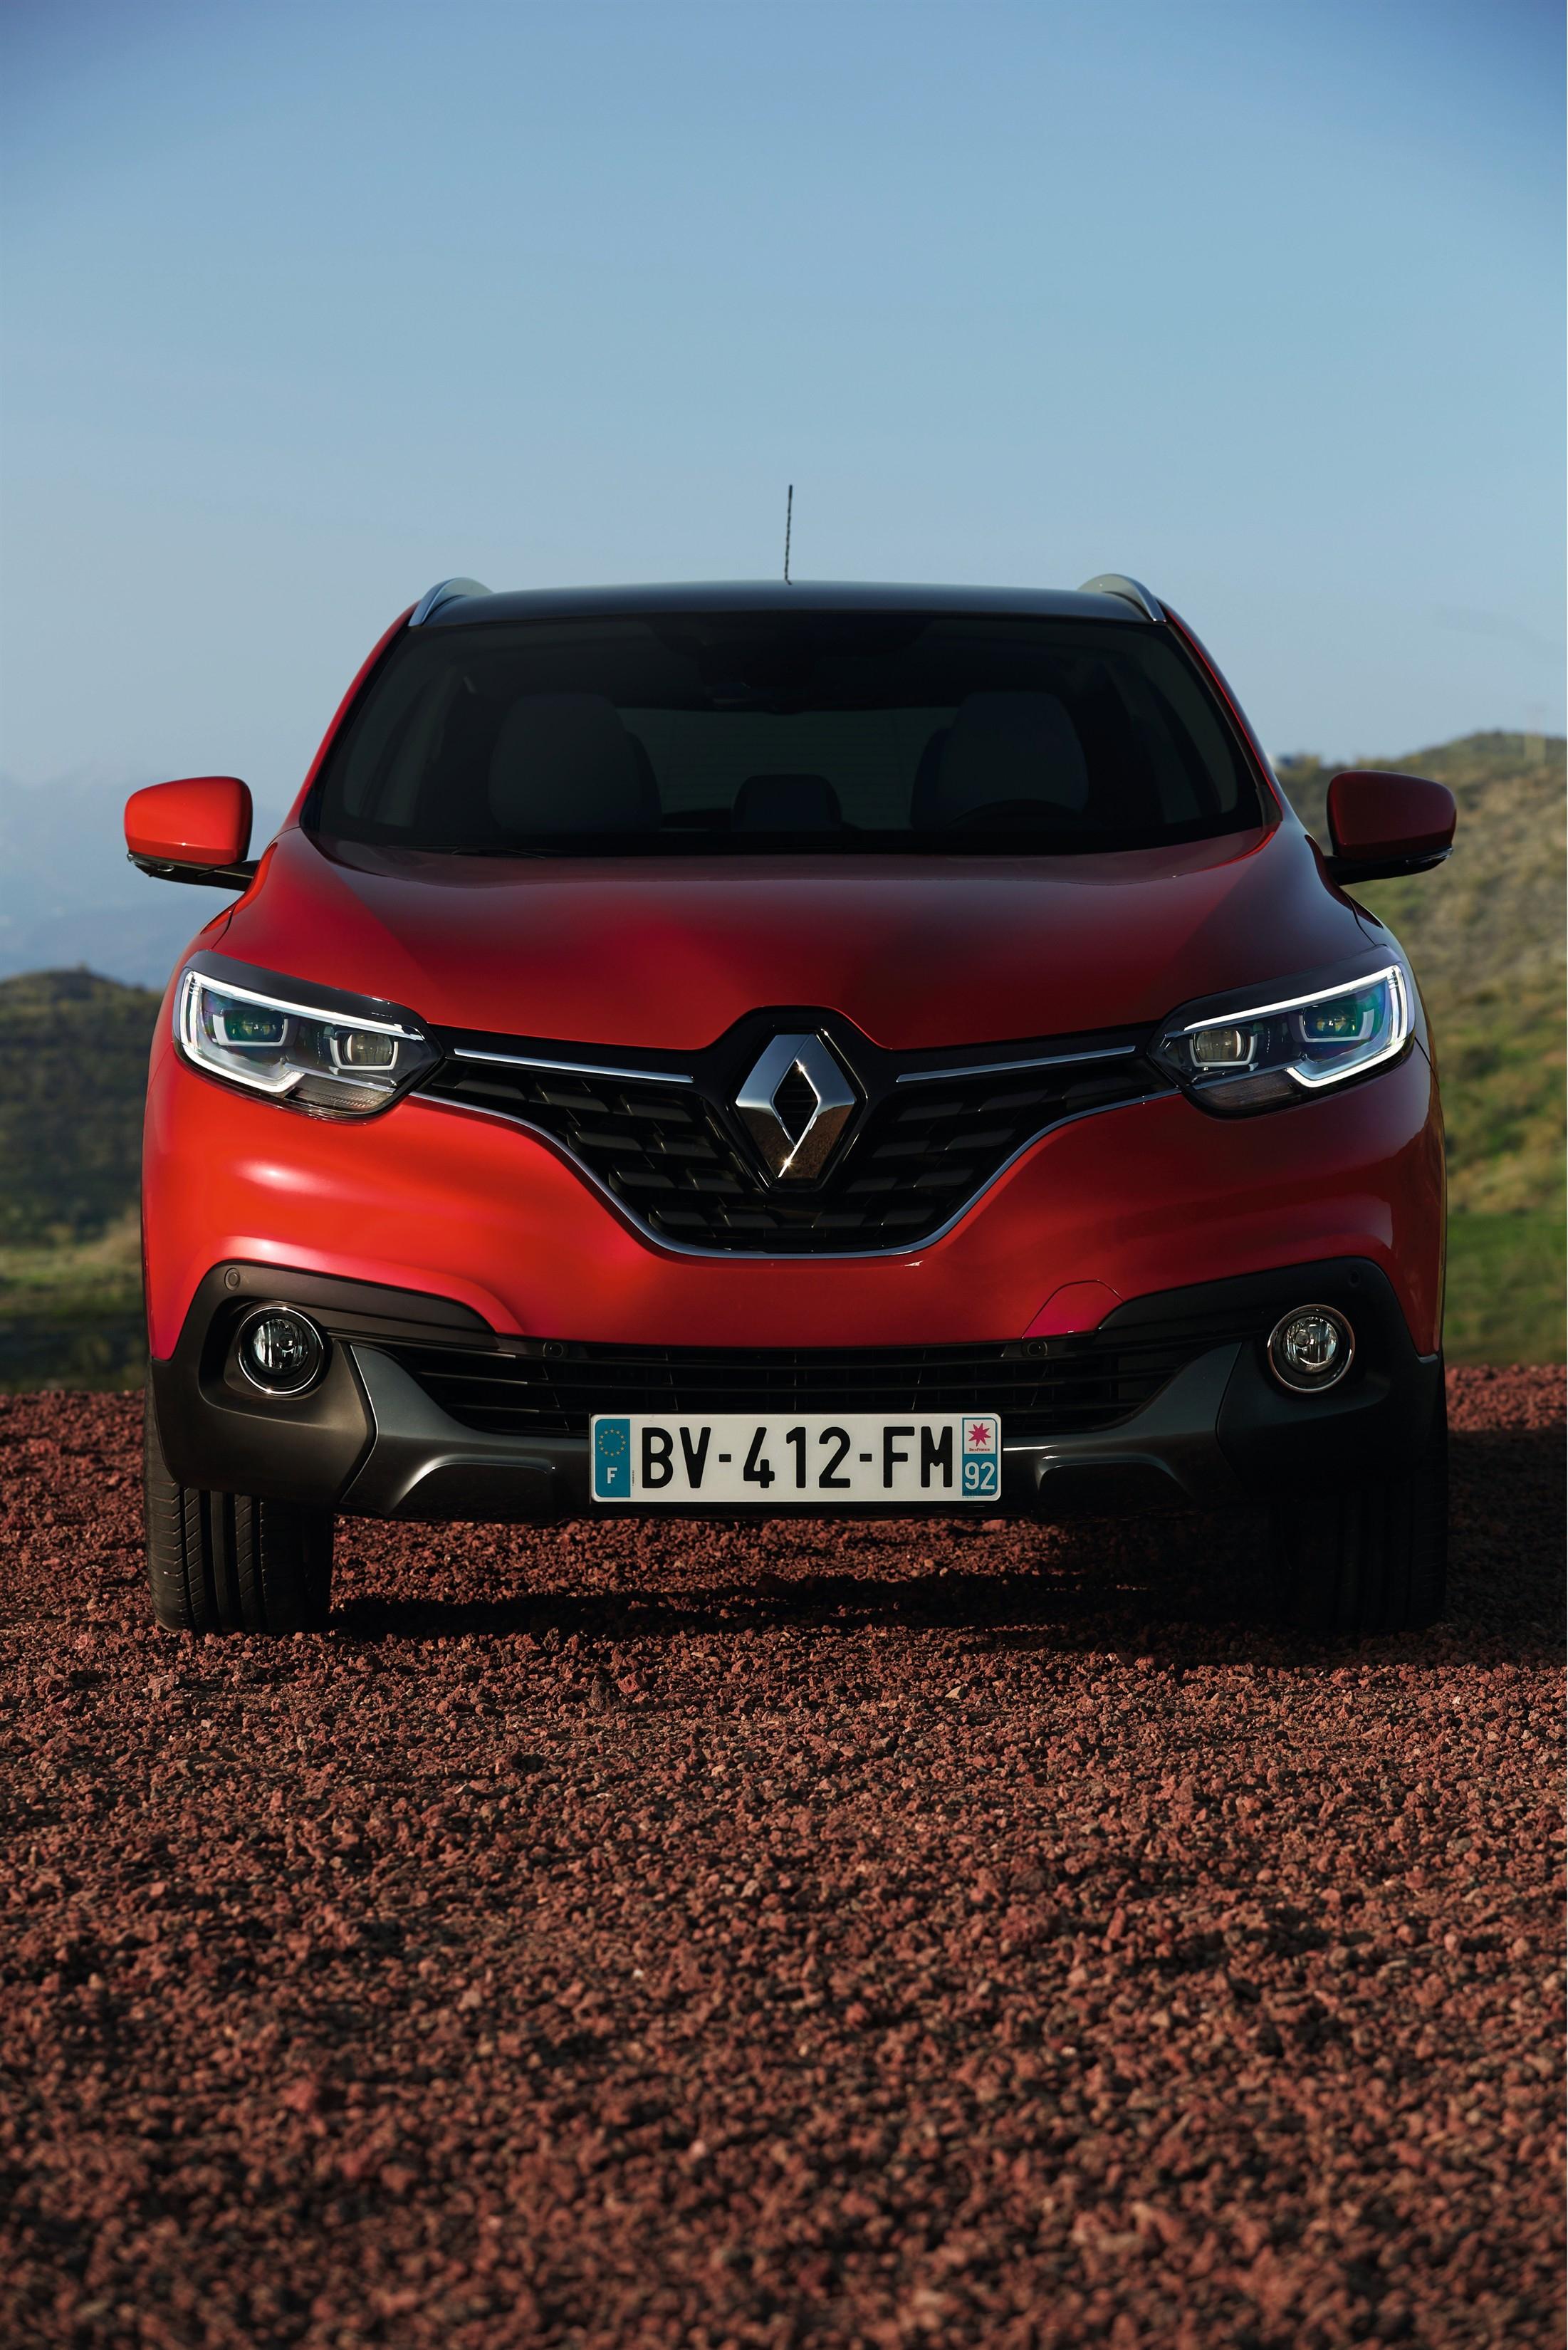 Renault_65501_global_en.jpg